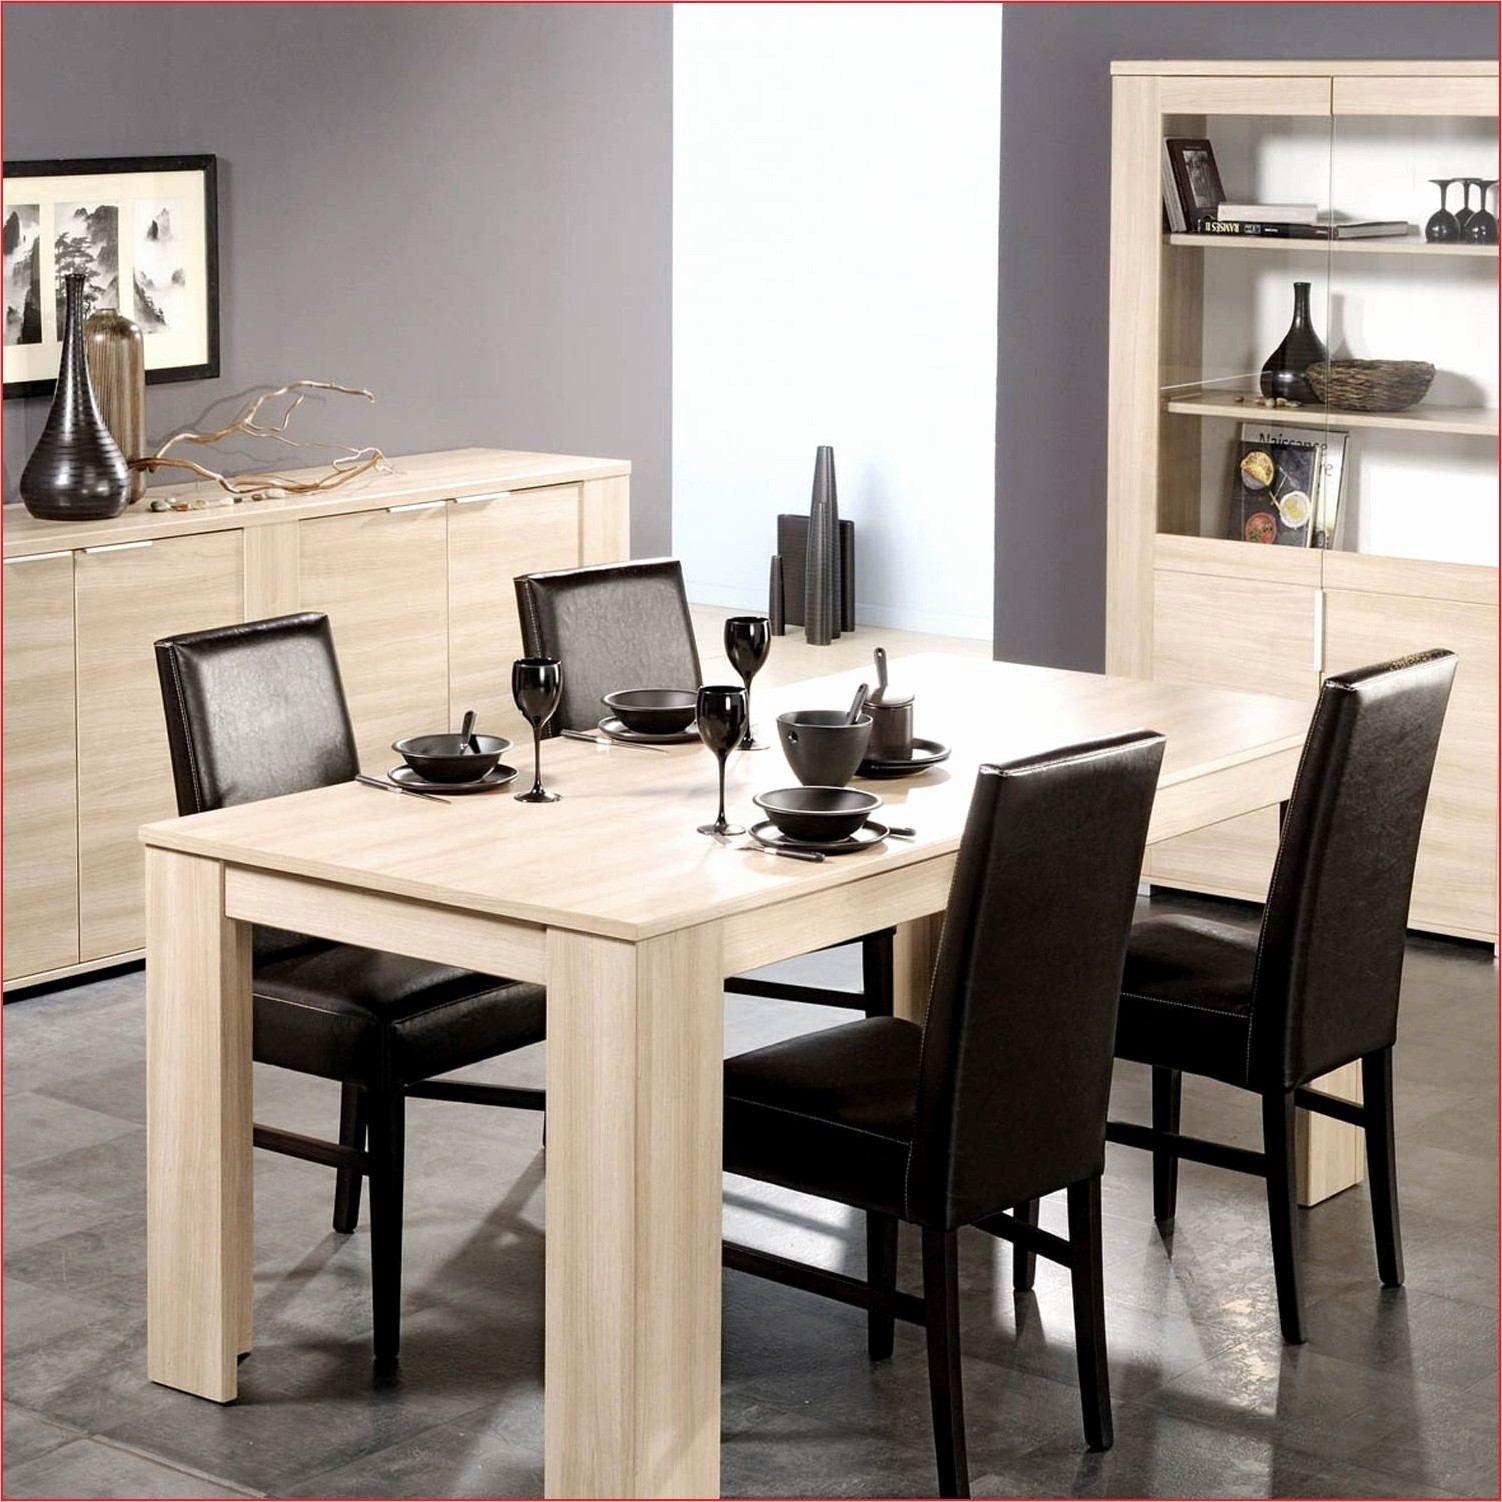 Table Pour Salle À Manger deco pour salle a manger et salon ikea | déco salle à manger